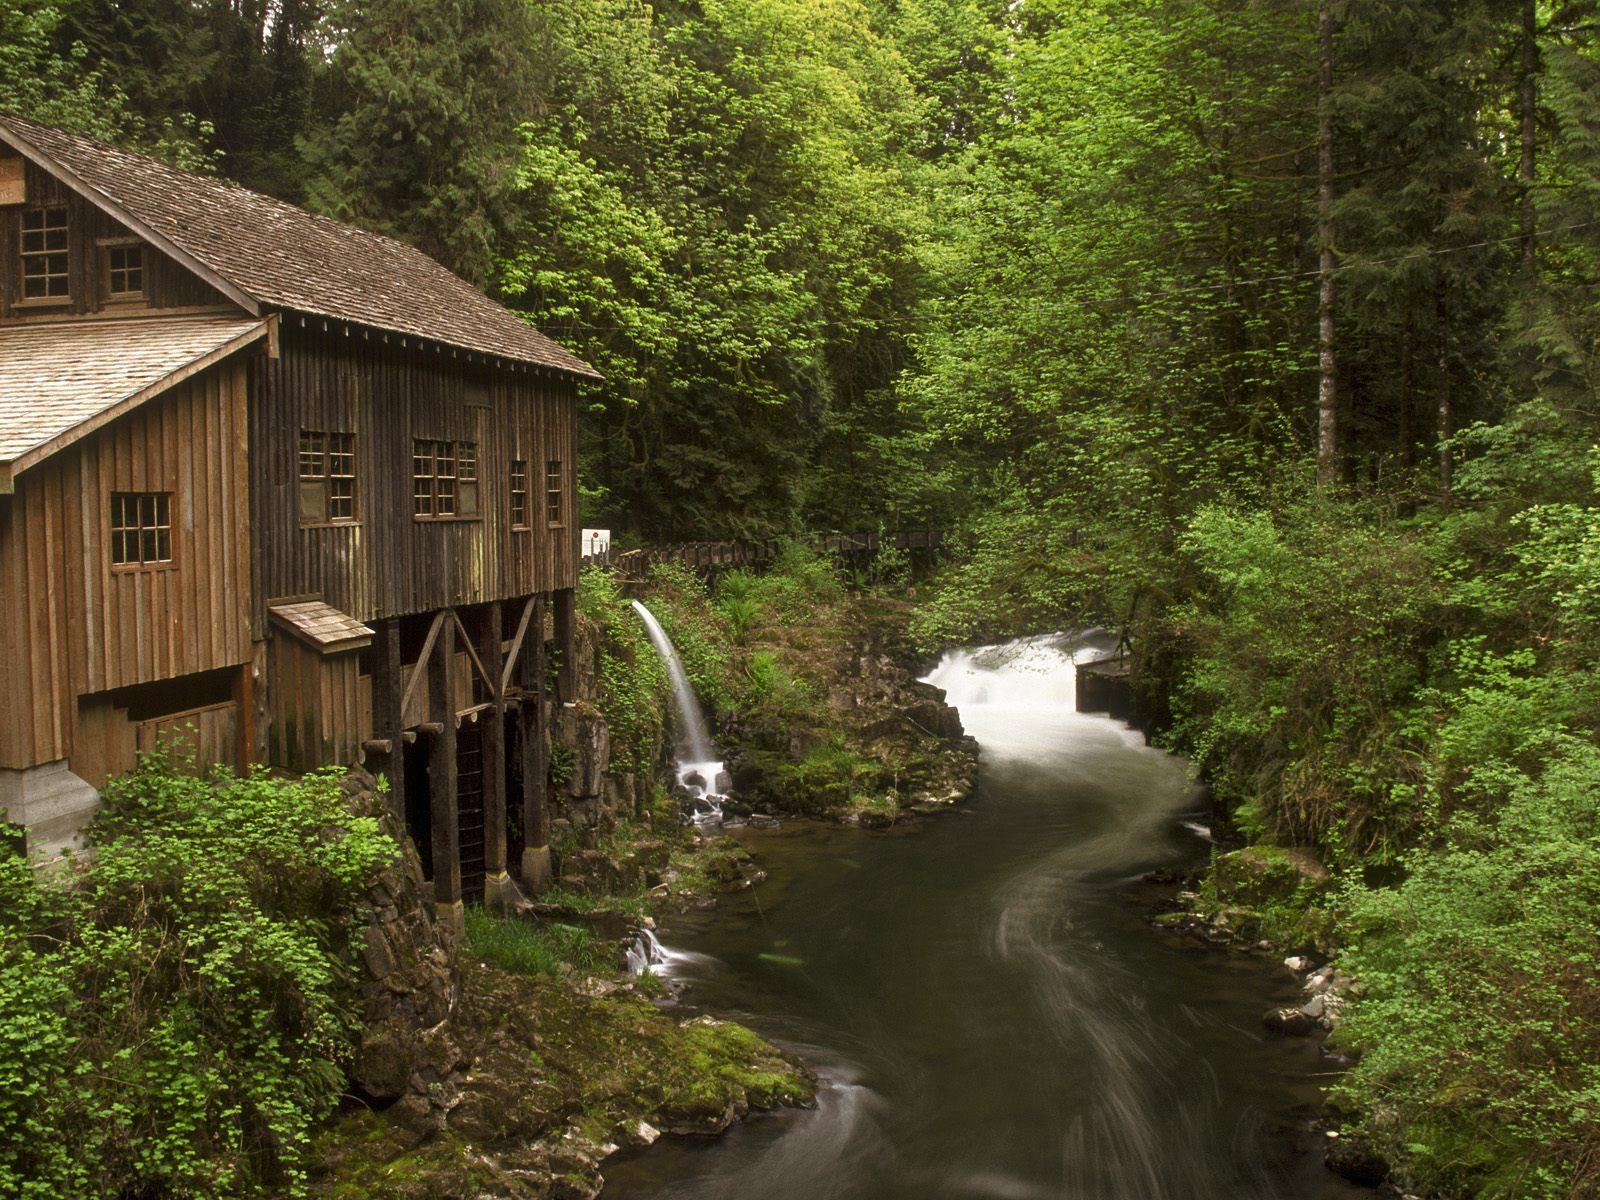 http://2.bp.blogspot.com/_ioD6UOQqcyA/Sw7rZfgc1HI/AAAAAAAABao/2C78p6b_Jxk/s1600/Cedar+Creek+Grist+Mill,+Near+Vancouver,+Washington.jpg